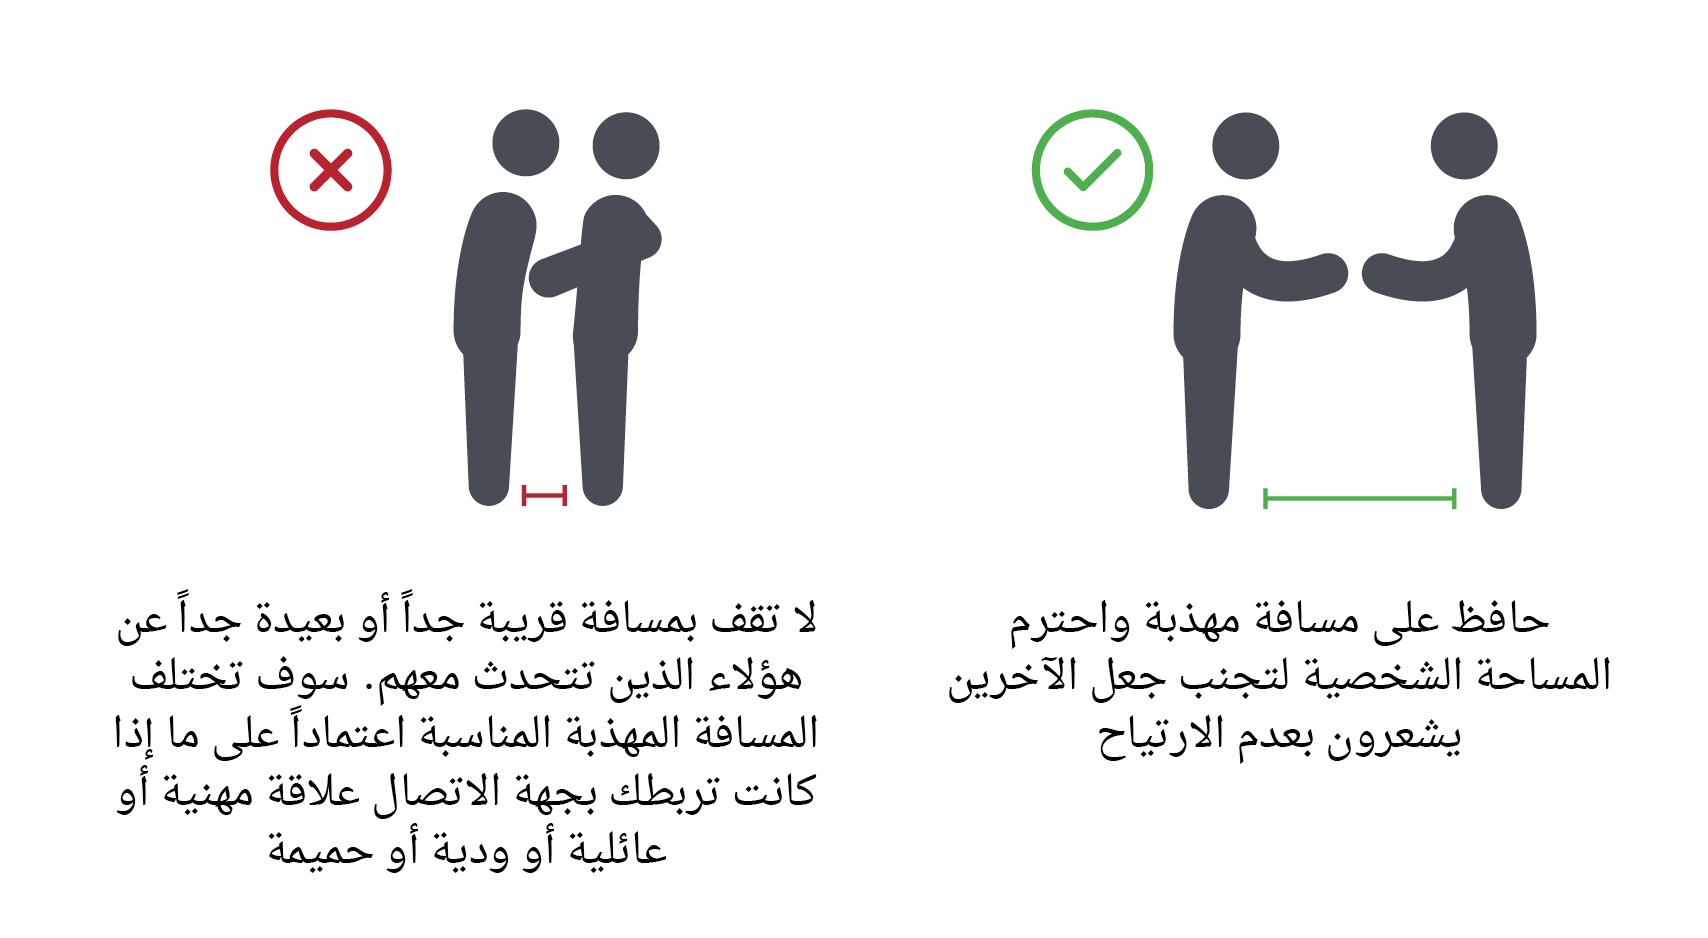 يرجى تسجيل الدخول أو التسجيل إدراك Body Language Words Language